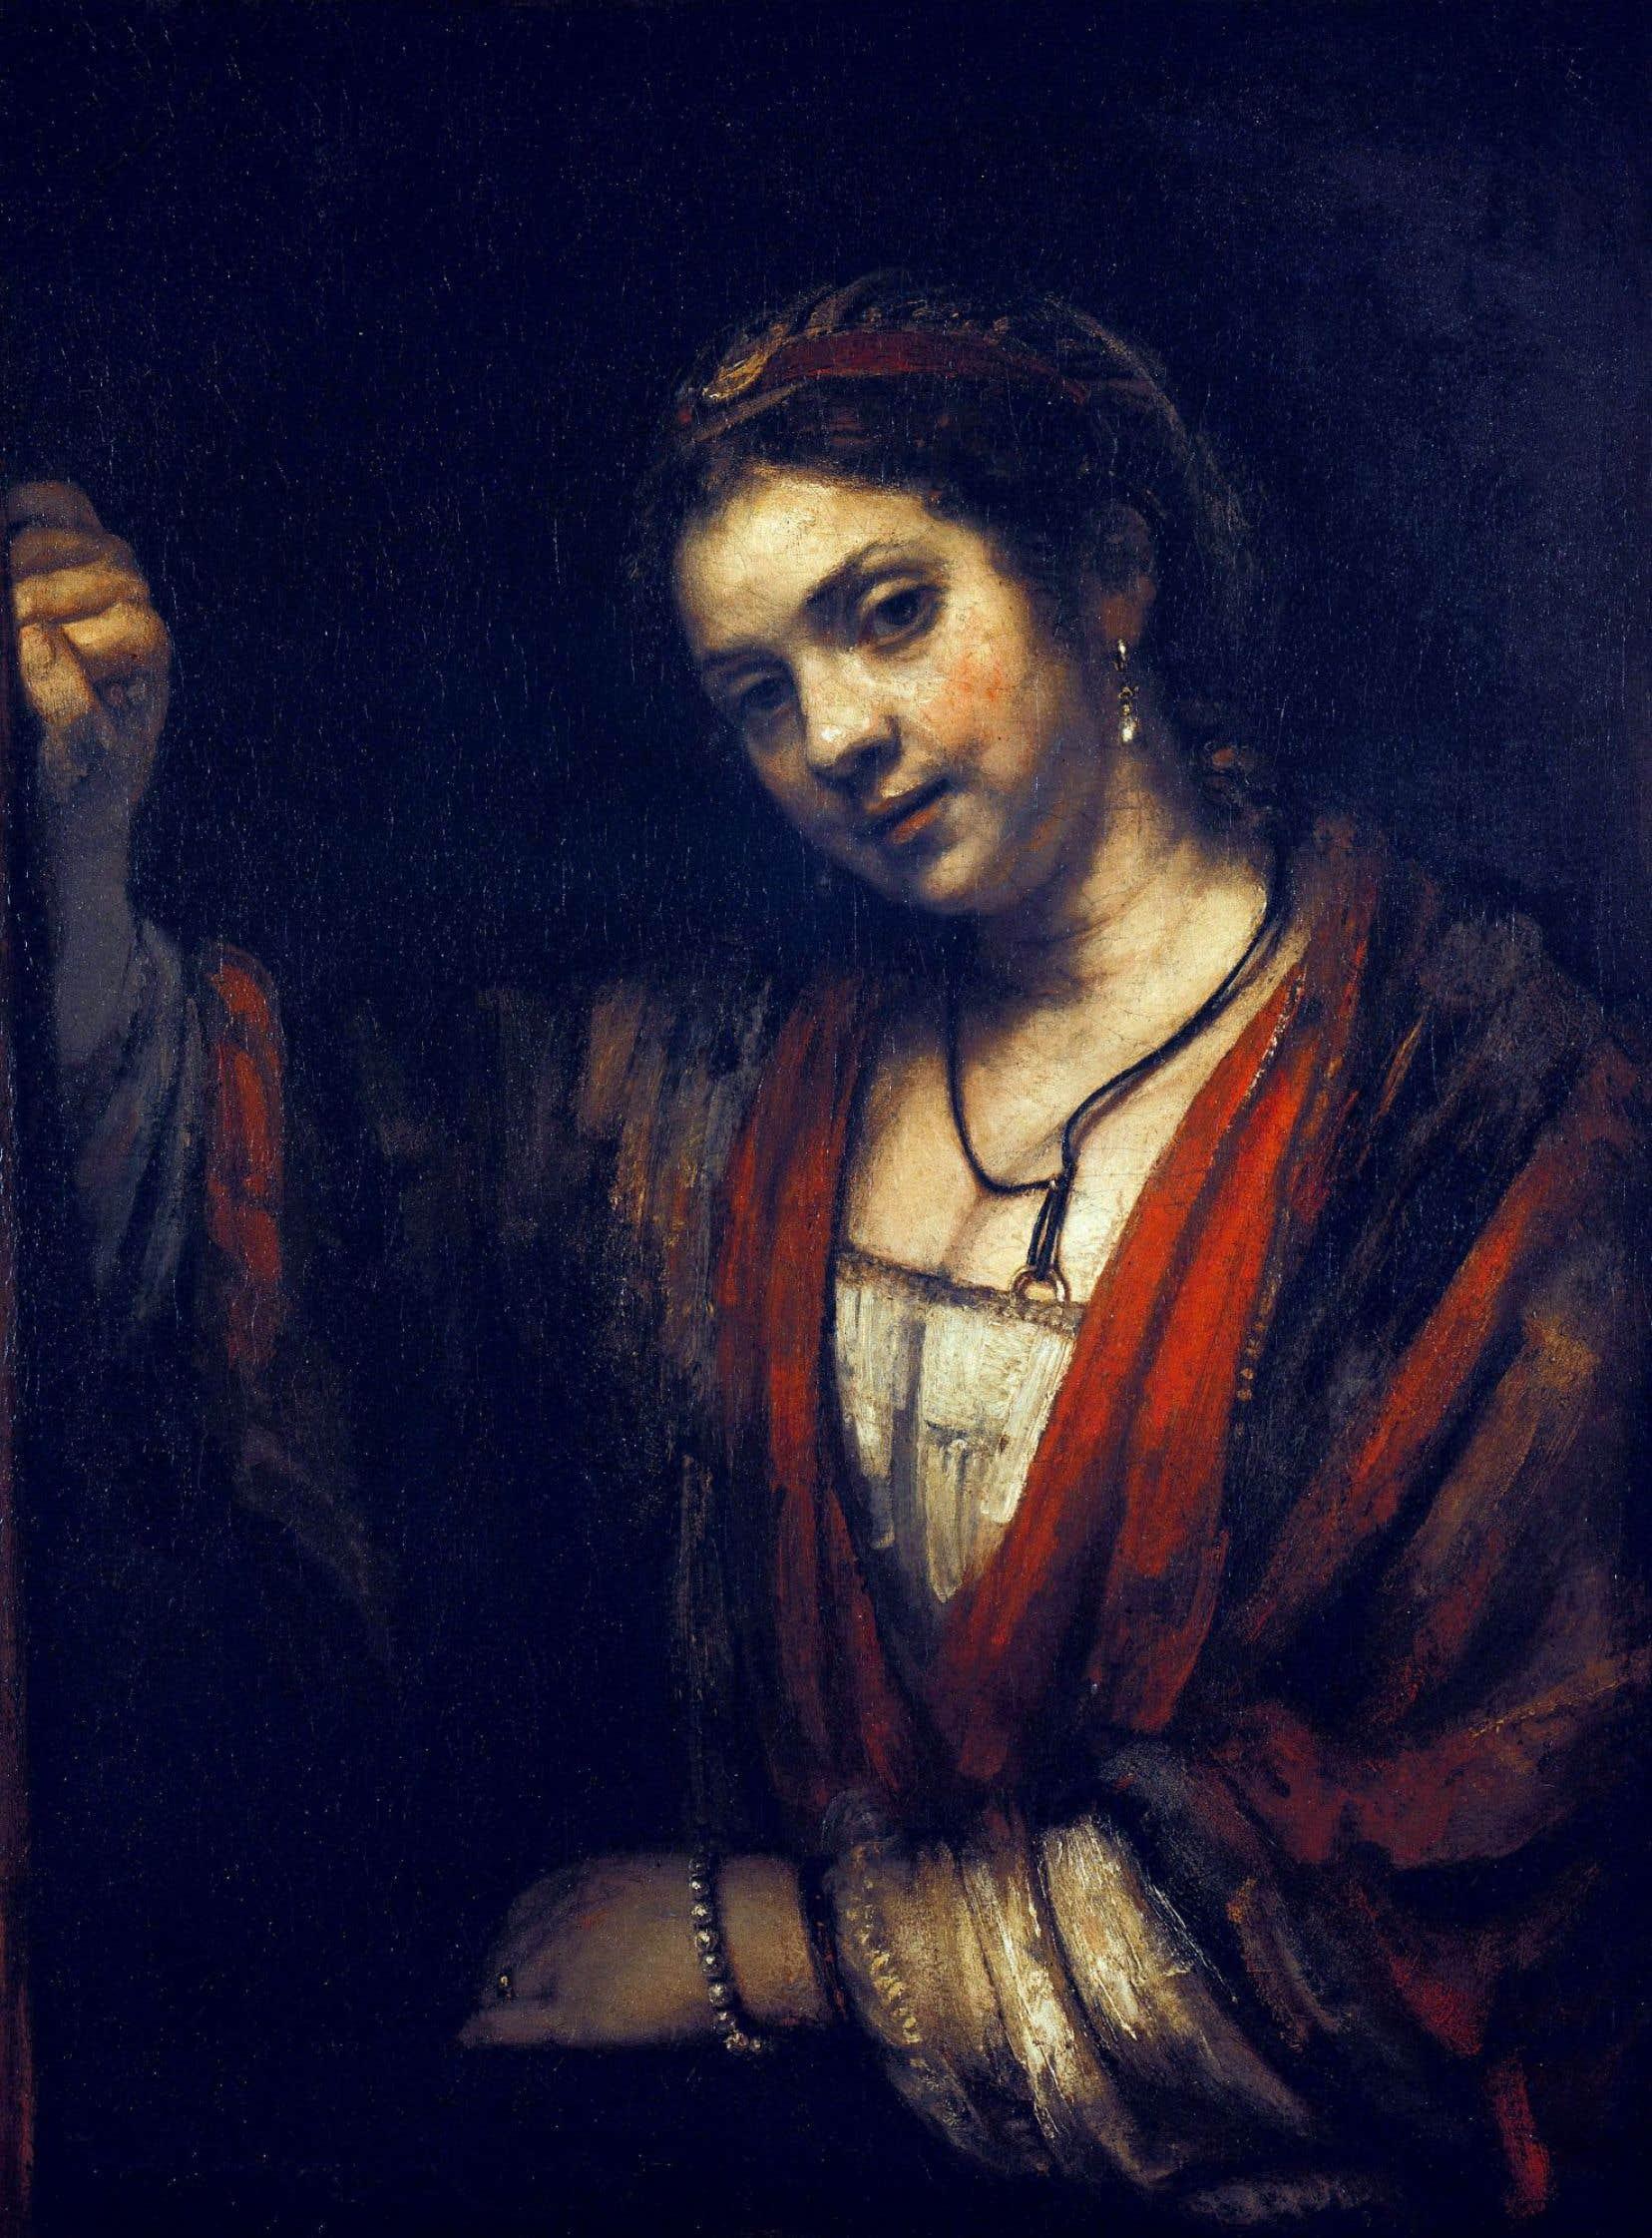 Un des portraits de Hendrickje Stoffels peint par Rembrandt. Huile sur toile, autour de 1656.